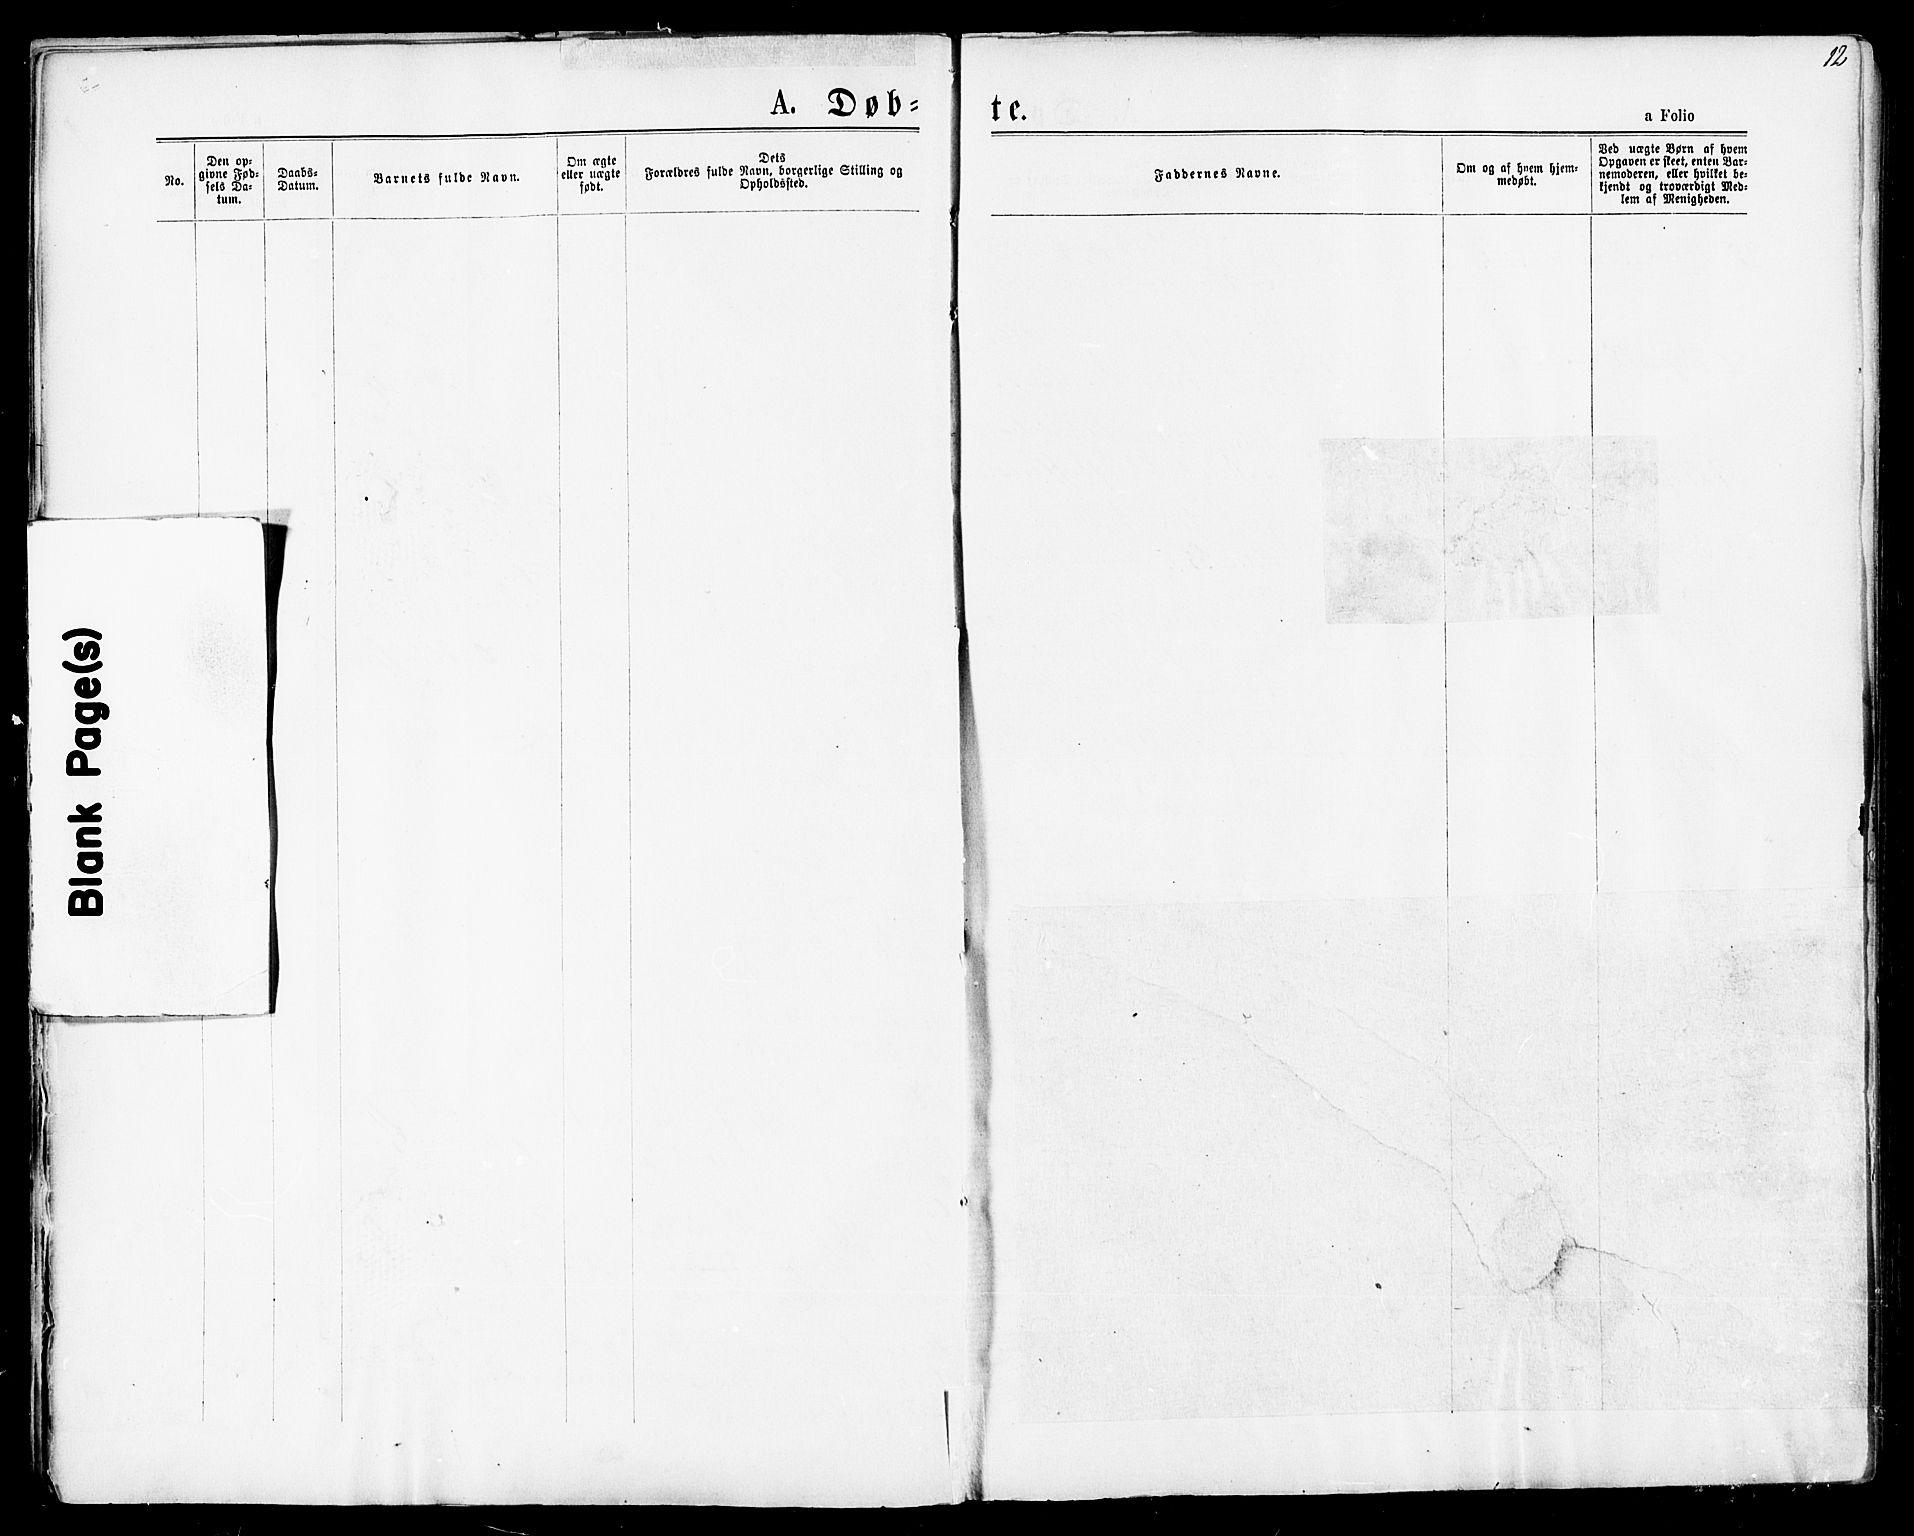 SAT, Ministerialprotokoller, klokkerbøker og fødselsregistre - Sør-Trøndelag, 678/L0900: Ministerialbok nr. 678A09, 1872-1881, s. 12